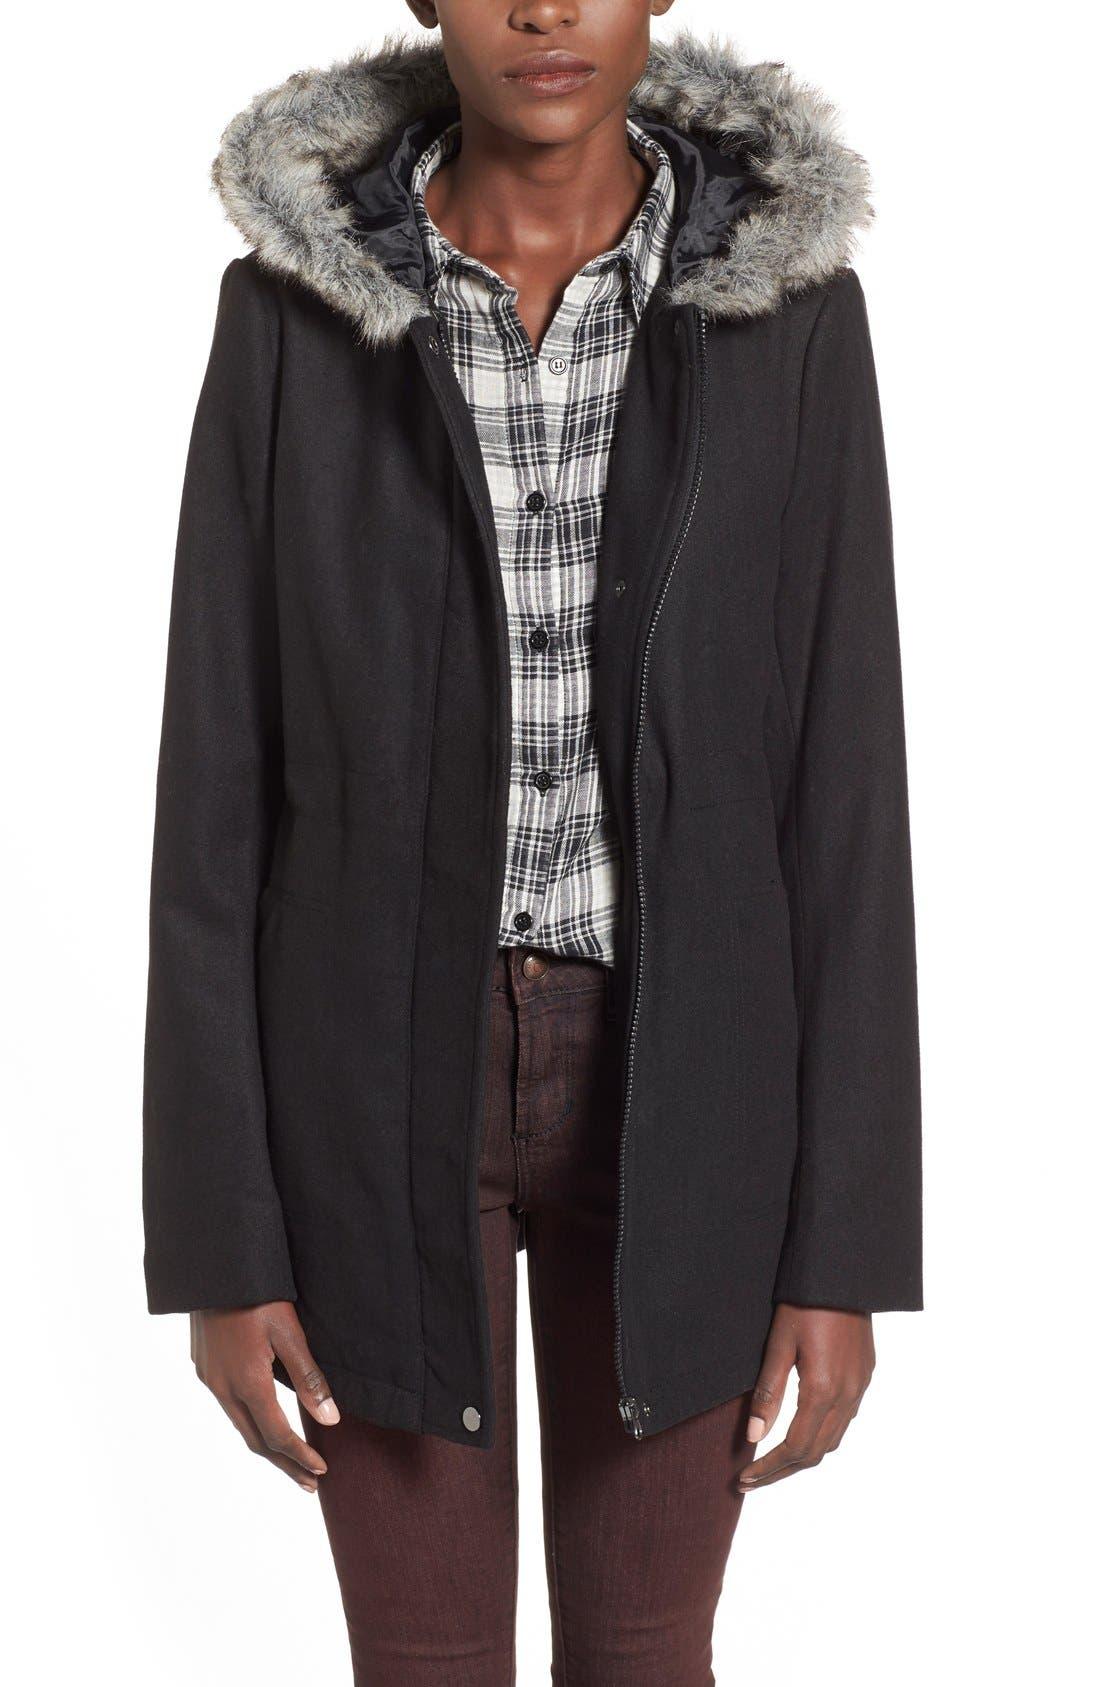 KRUSH Faux Fur Trim Hooded Coat